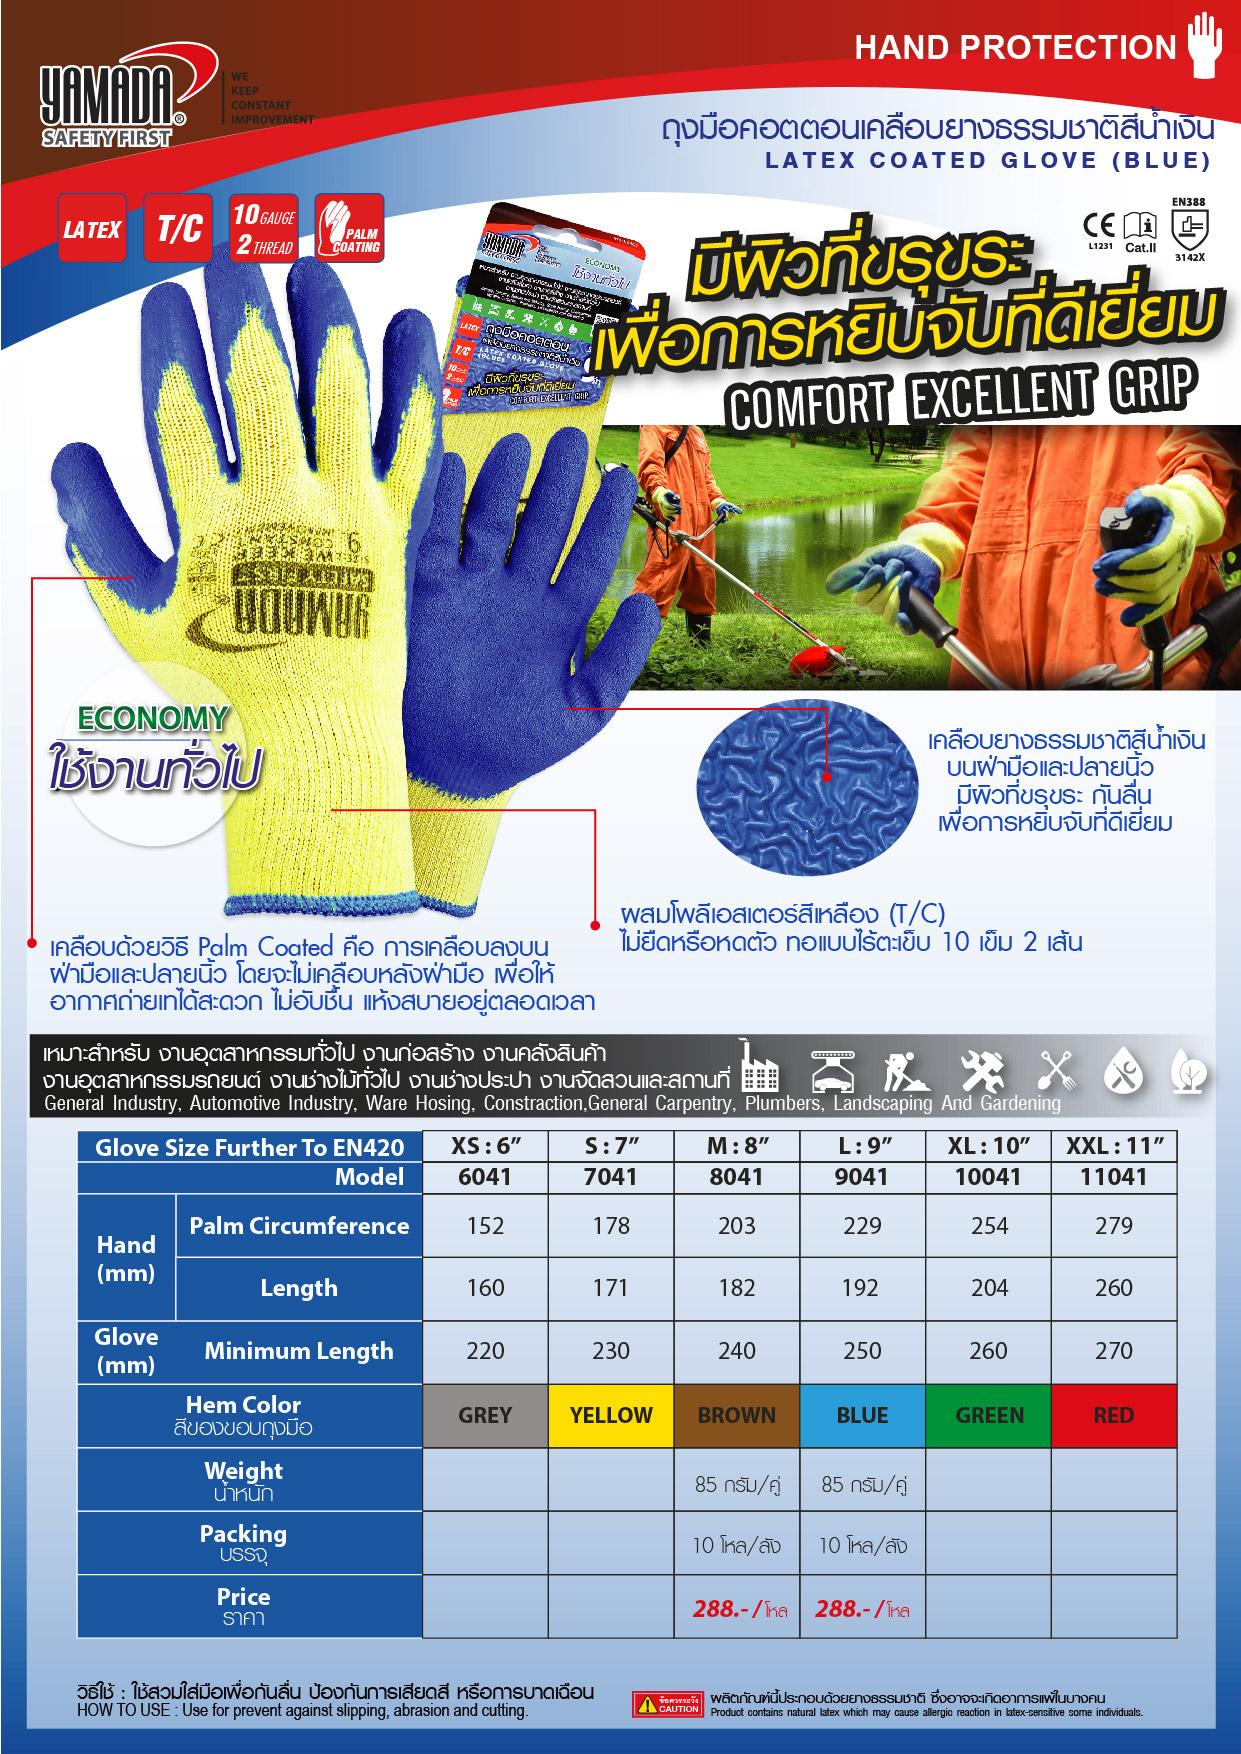 (9/26) ถุงมือคอตตอนเคลือบยางธรรมชาติสีน้ำเงิน